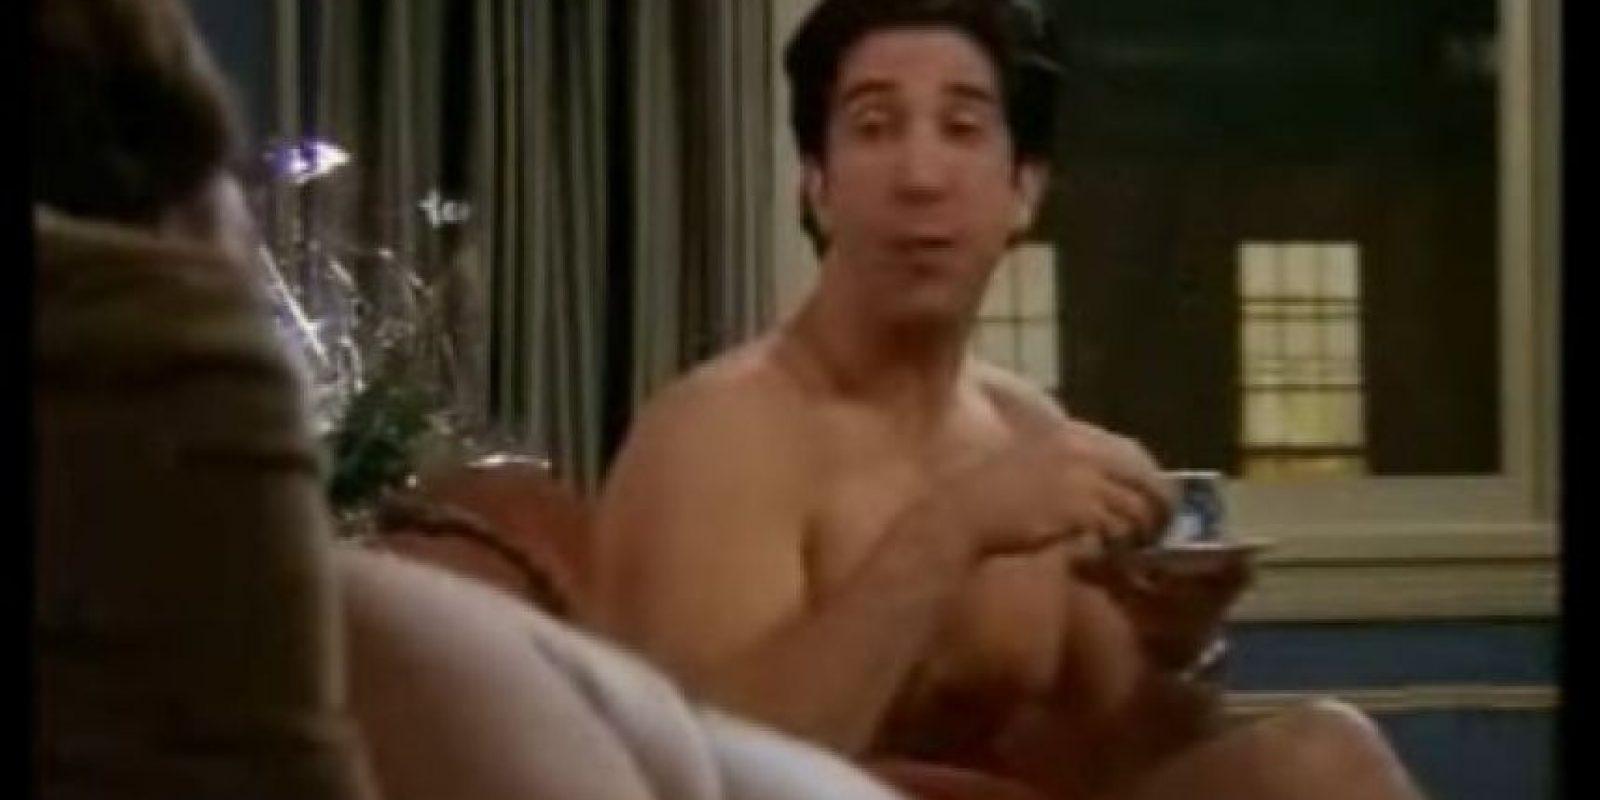 Descubren quién es el misterioso hombre desnudo Foto:Warner Chanel